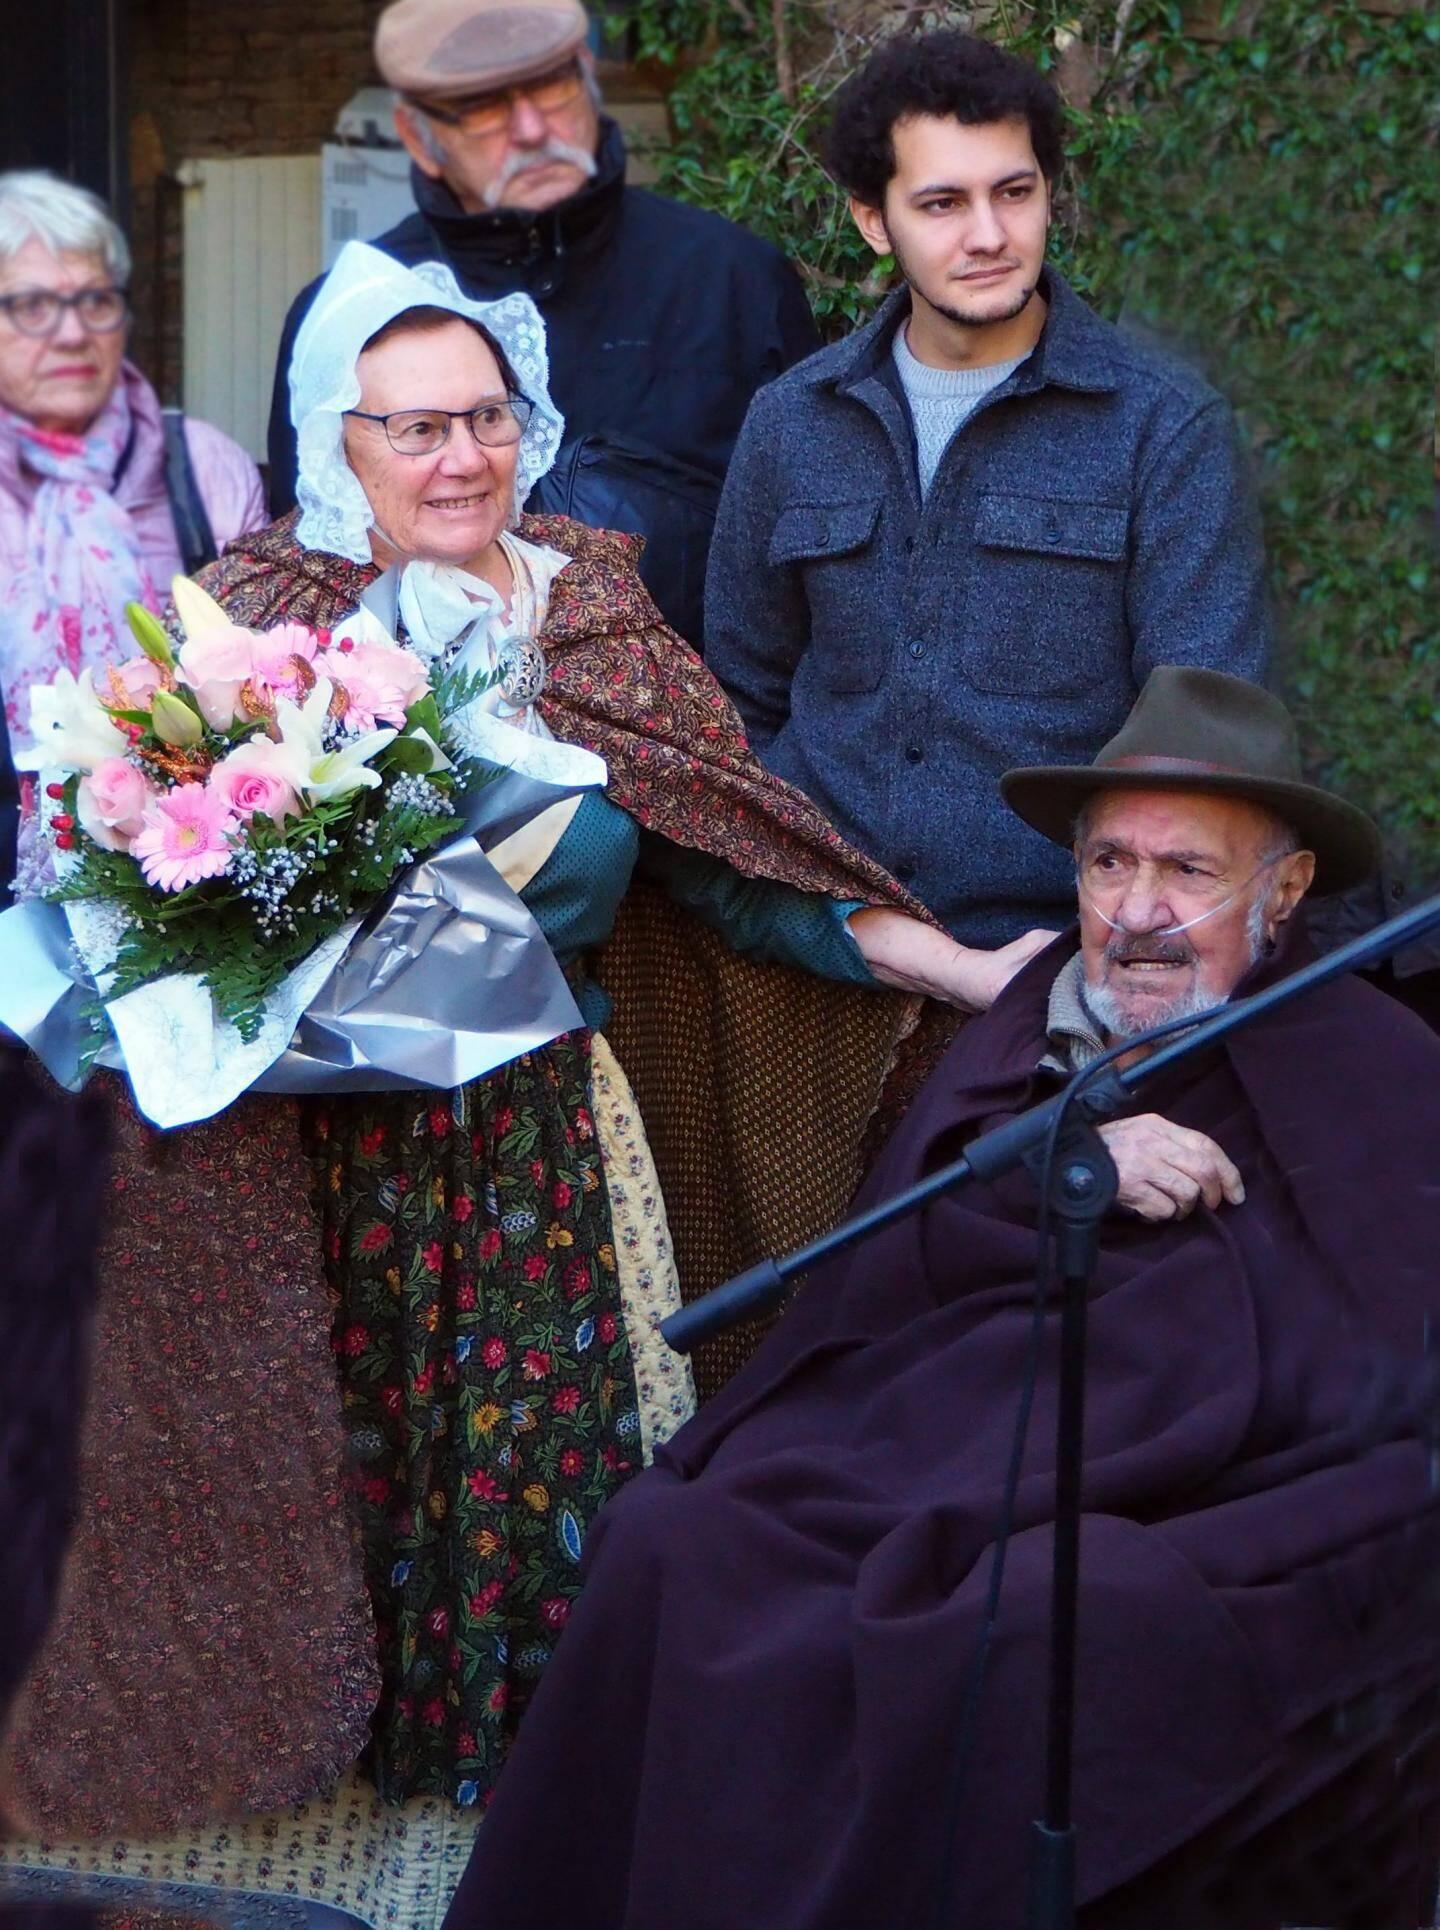 Isabelle, Georges et Camille ont reçu avec joie et fierté les compliments et les fleurs.